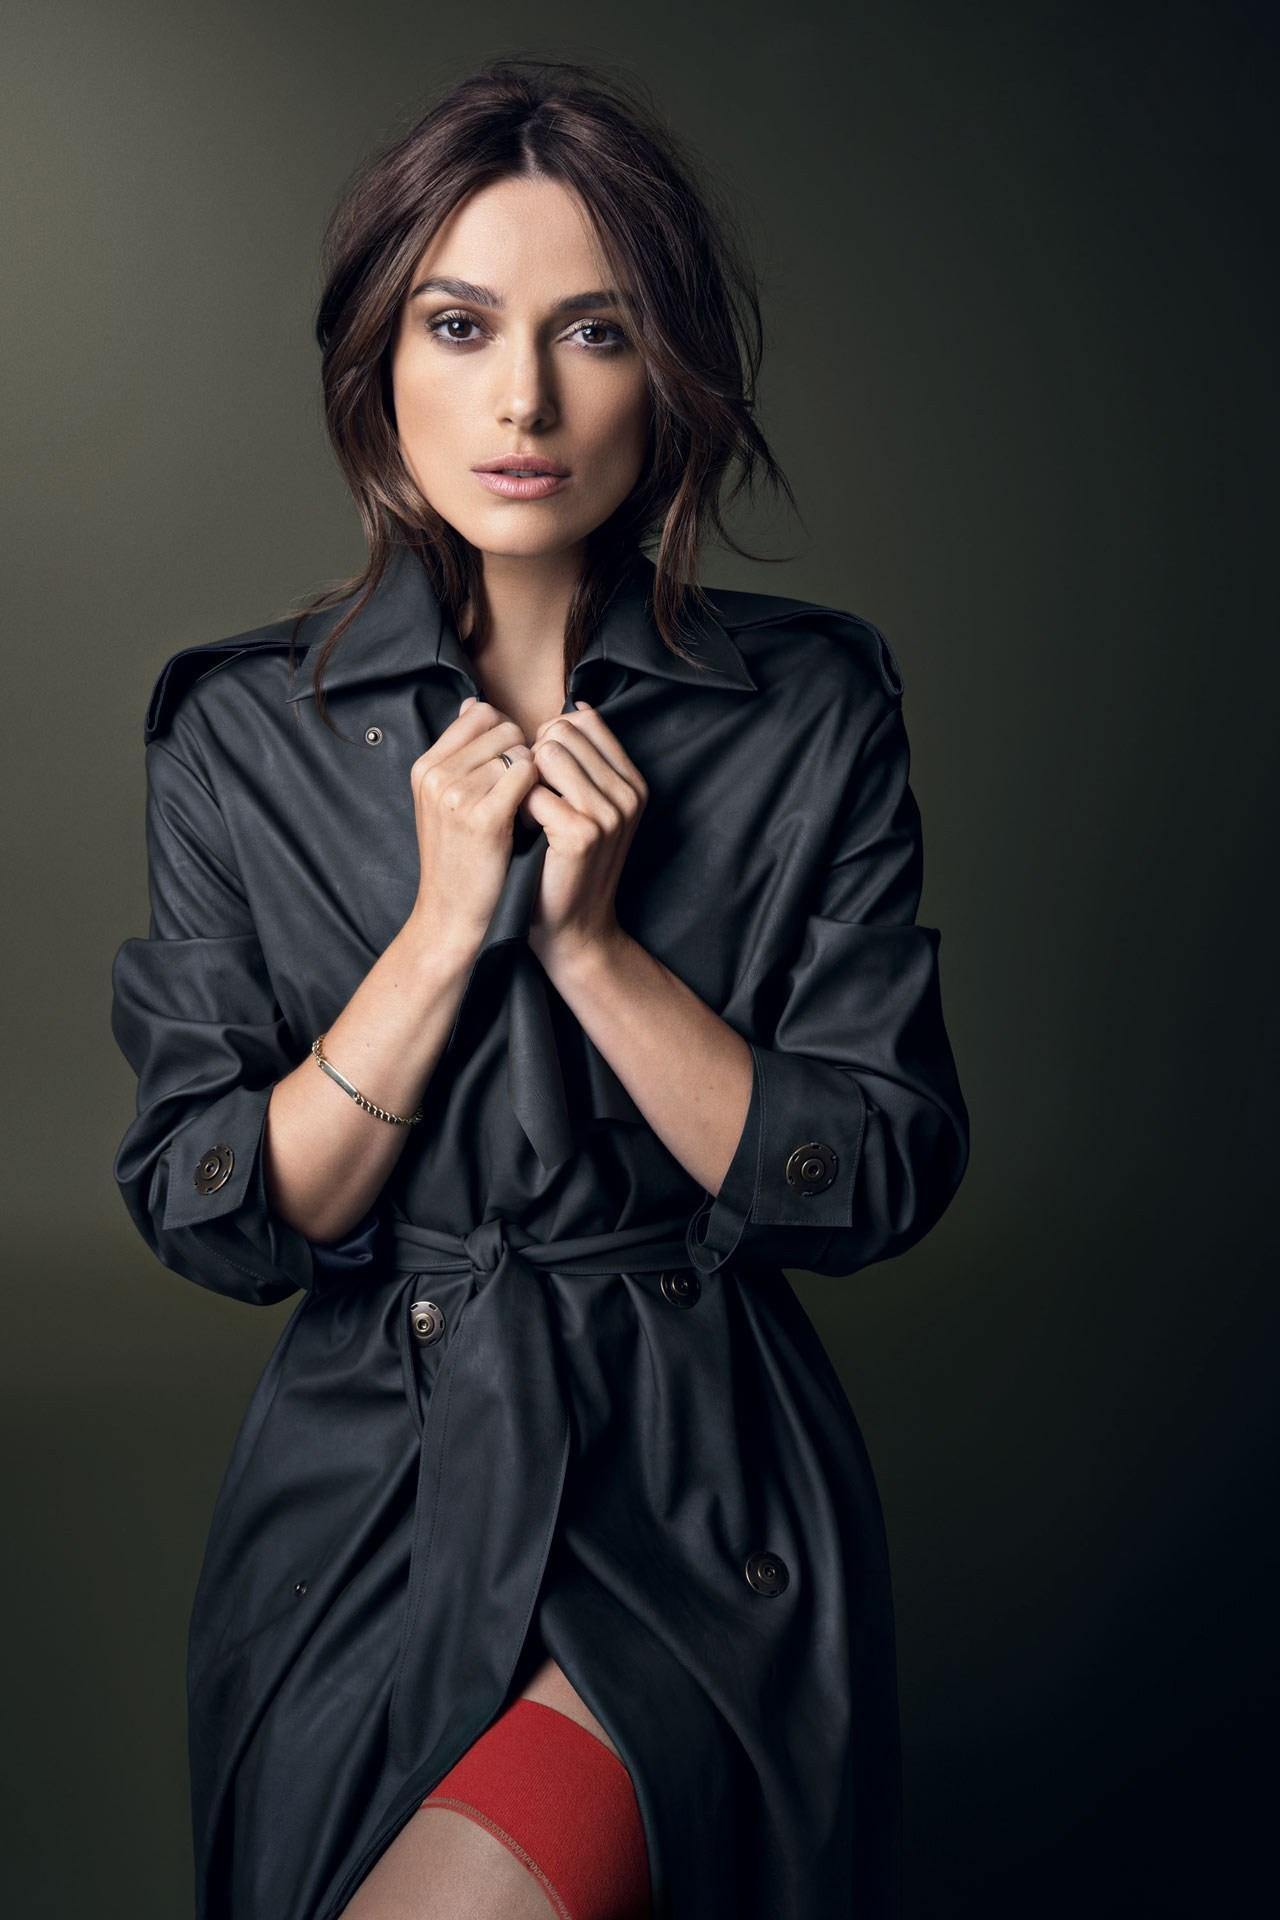 Hintergrundbilder Modell Lange Haare Sanger Kleid Keira